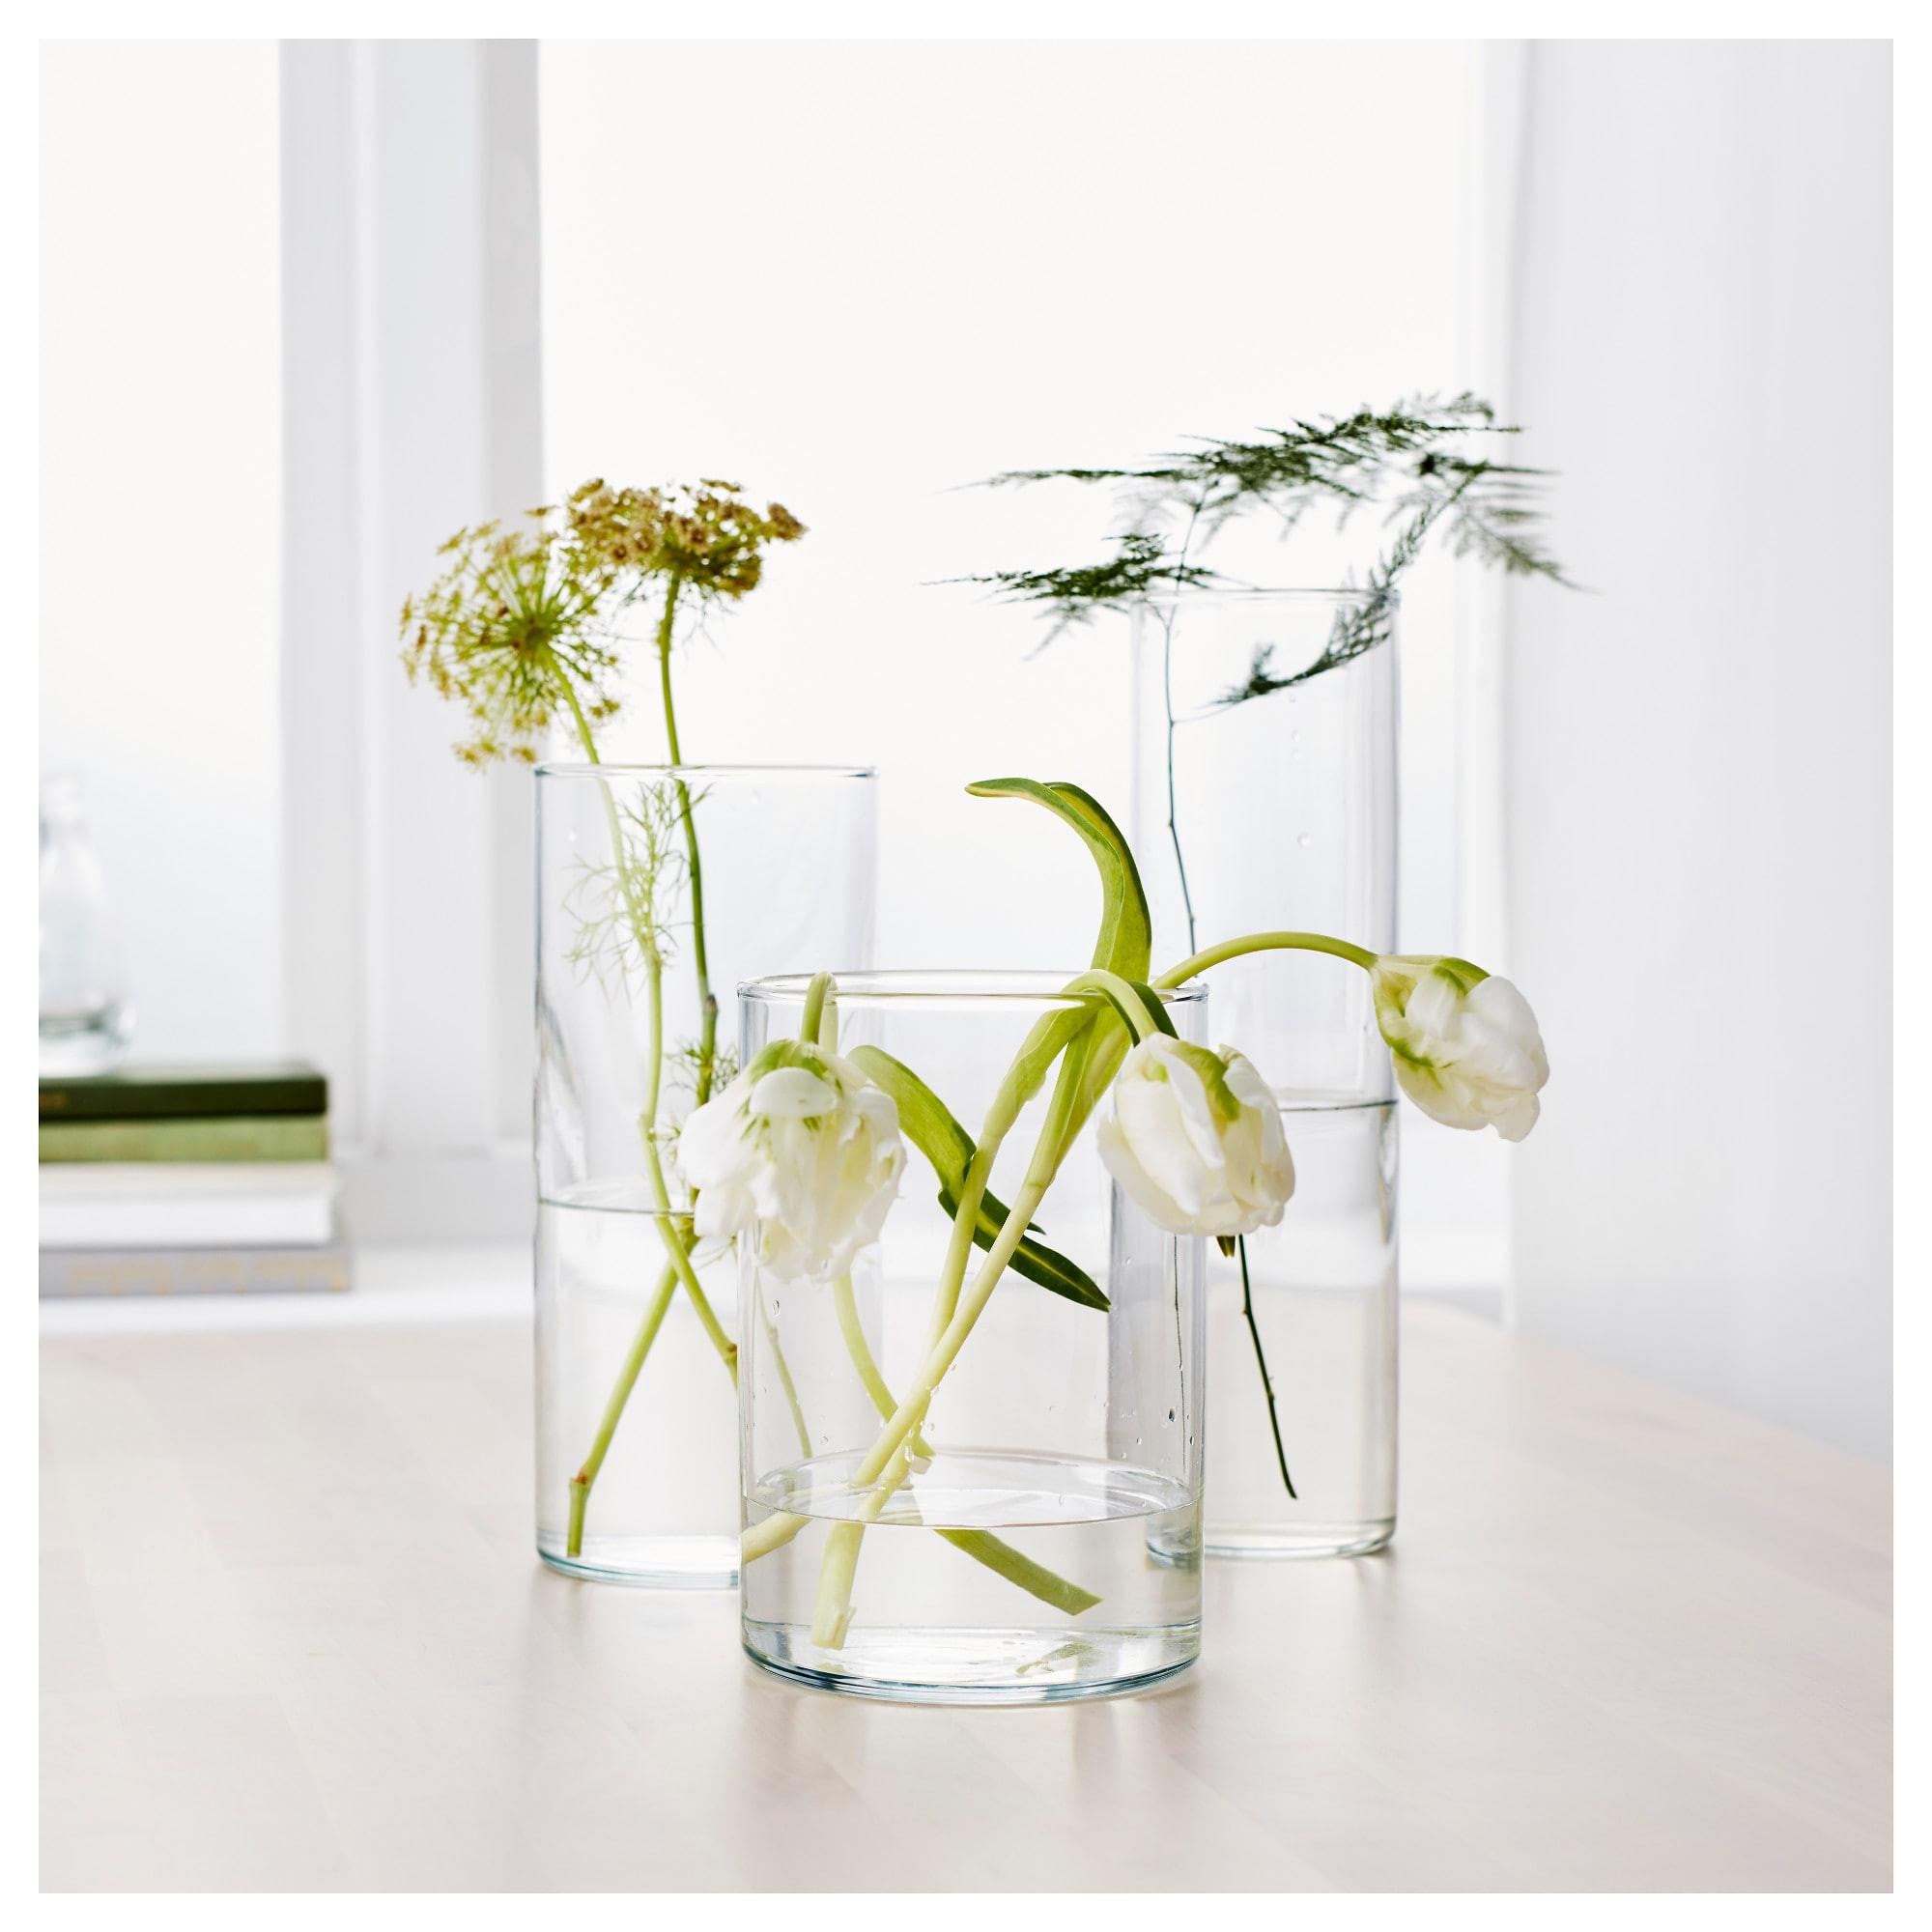 cheap 9 inch cylinder vase of cylinder vase set of 3 ikea within 0429902 pe584265 s5 jpg